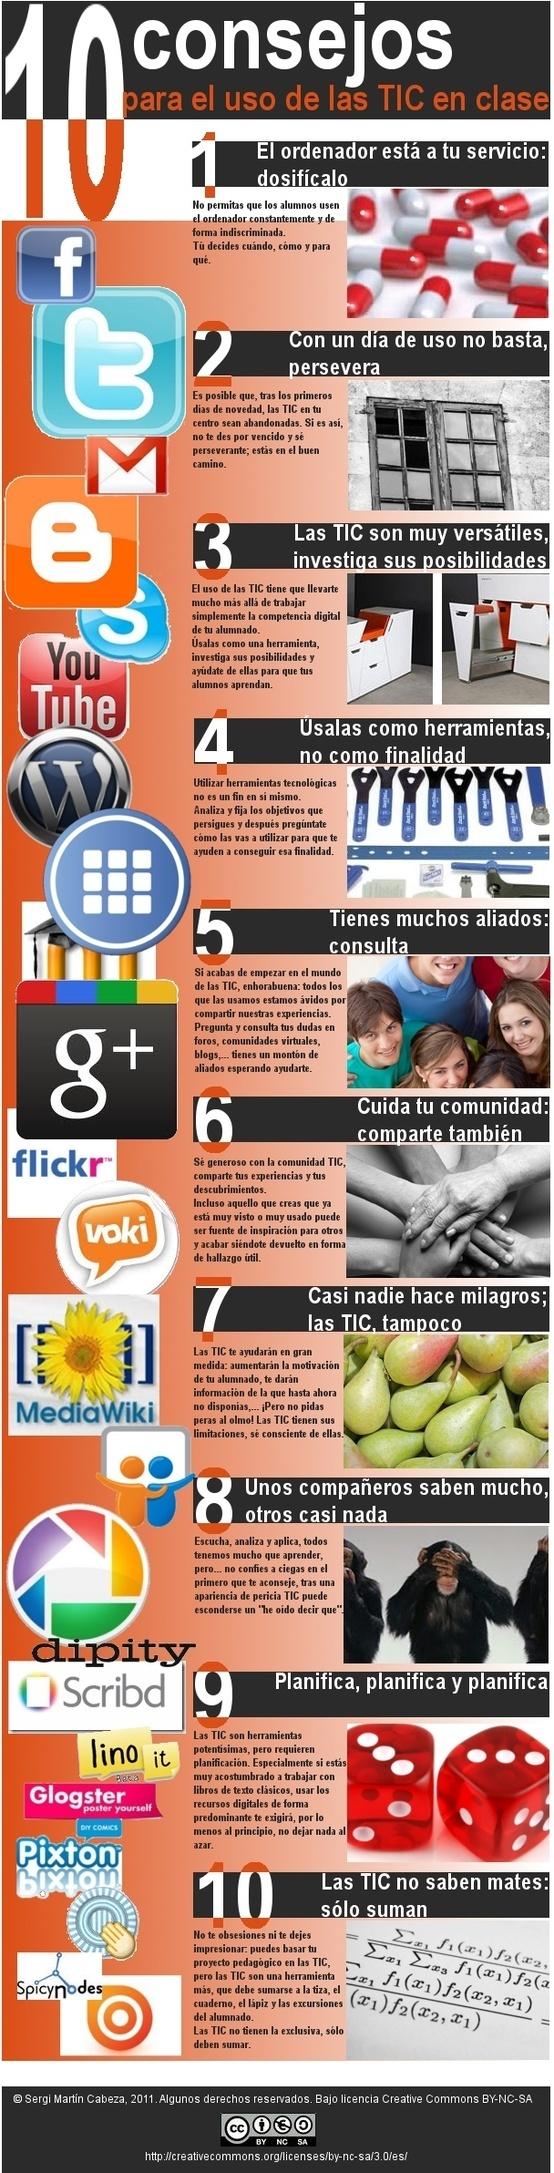 Unos consejos para aplicar tecnologías de la información y la comunicación al salón de clases.